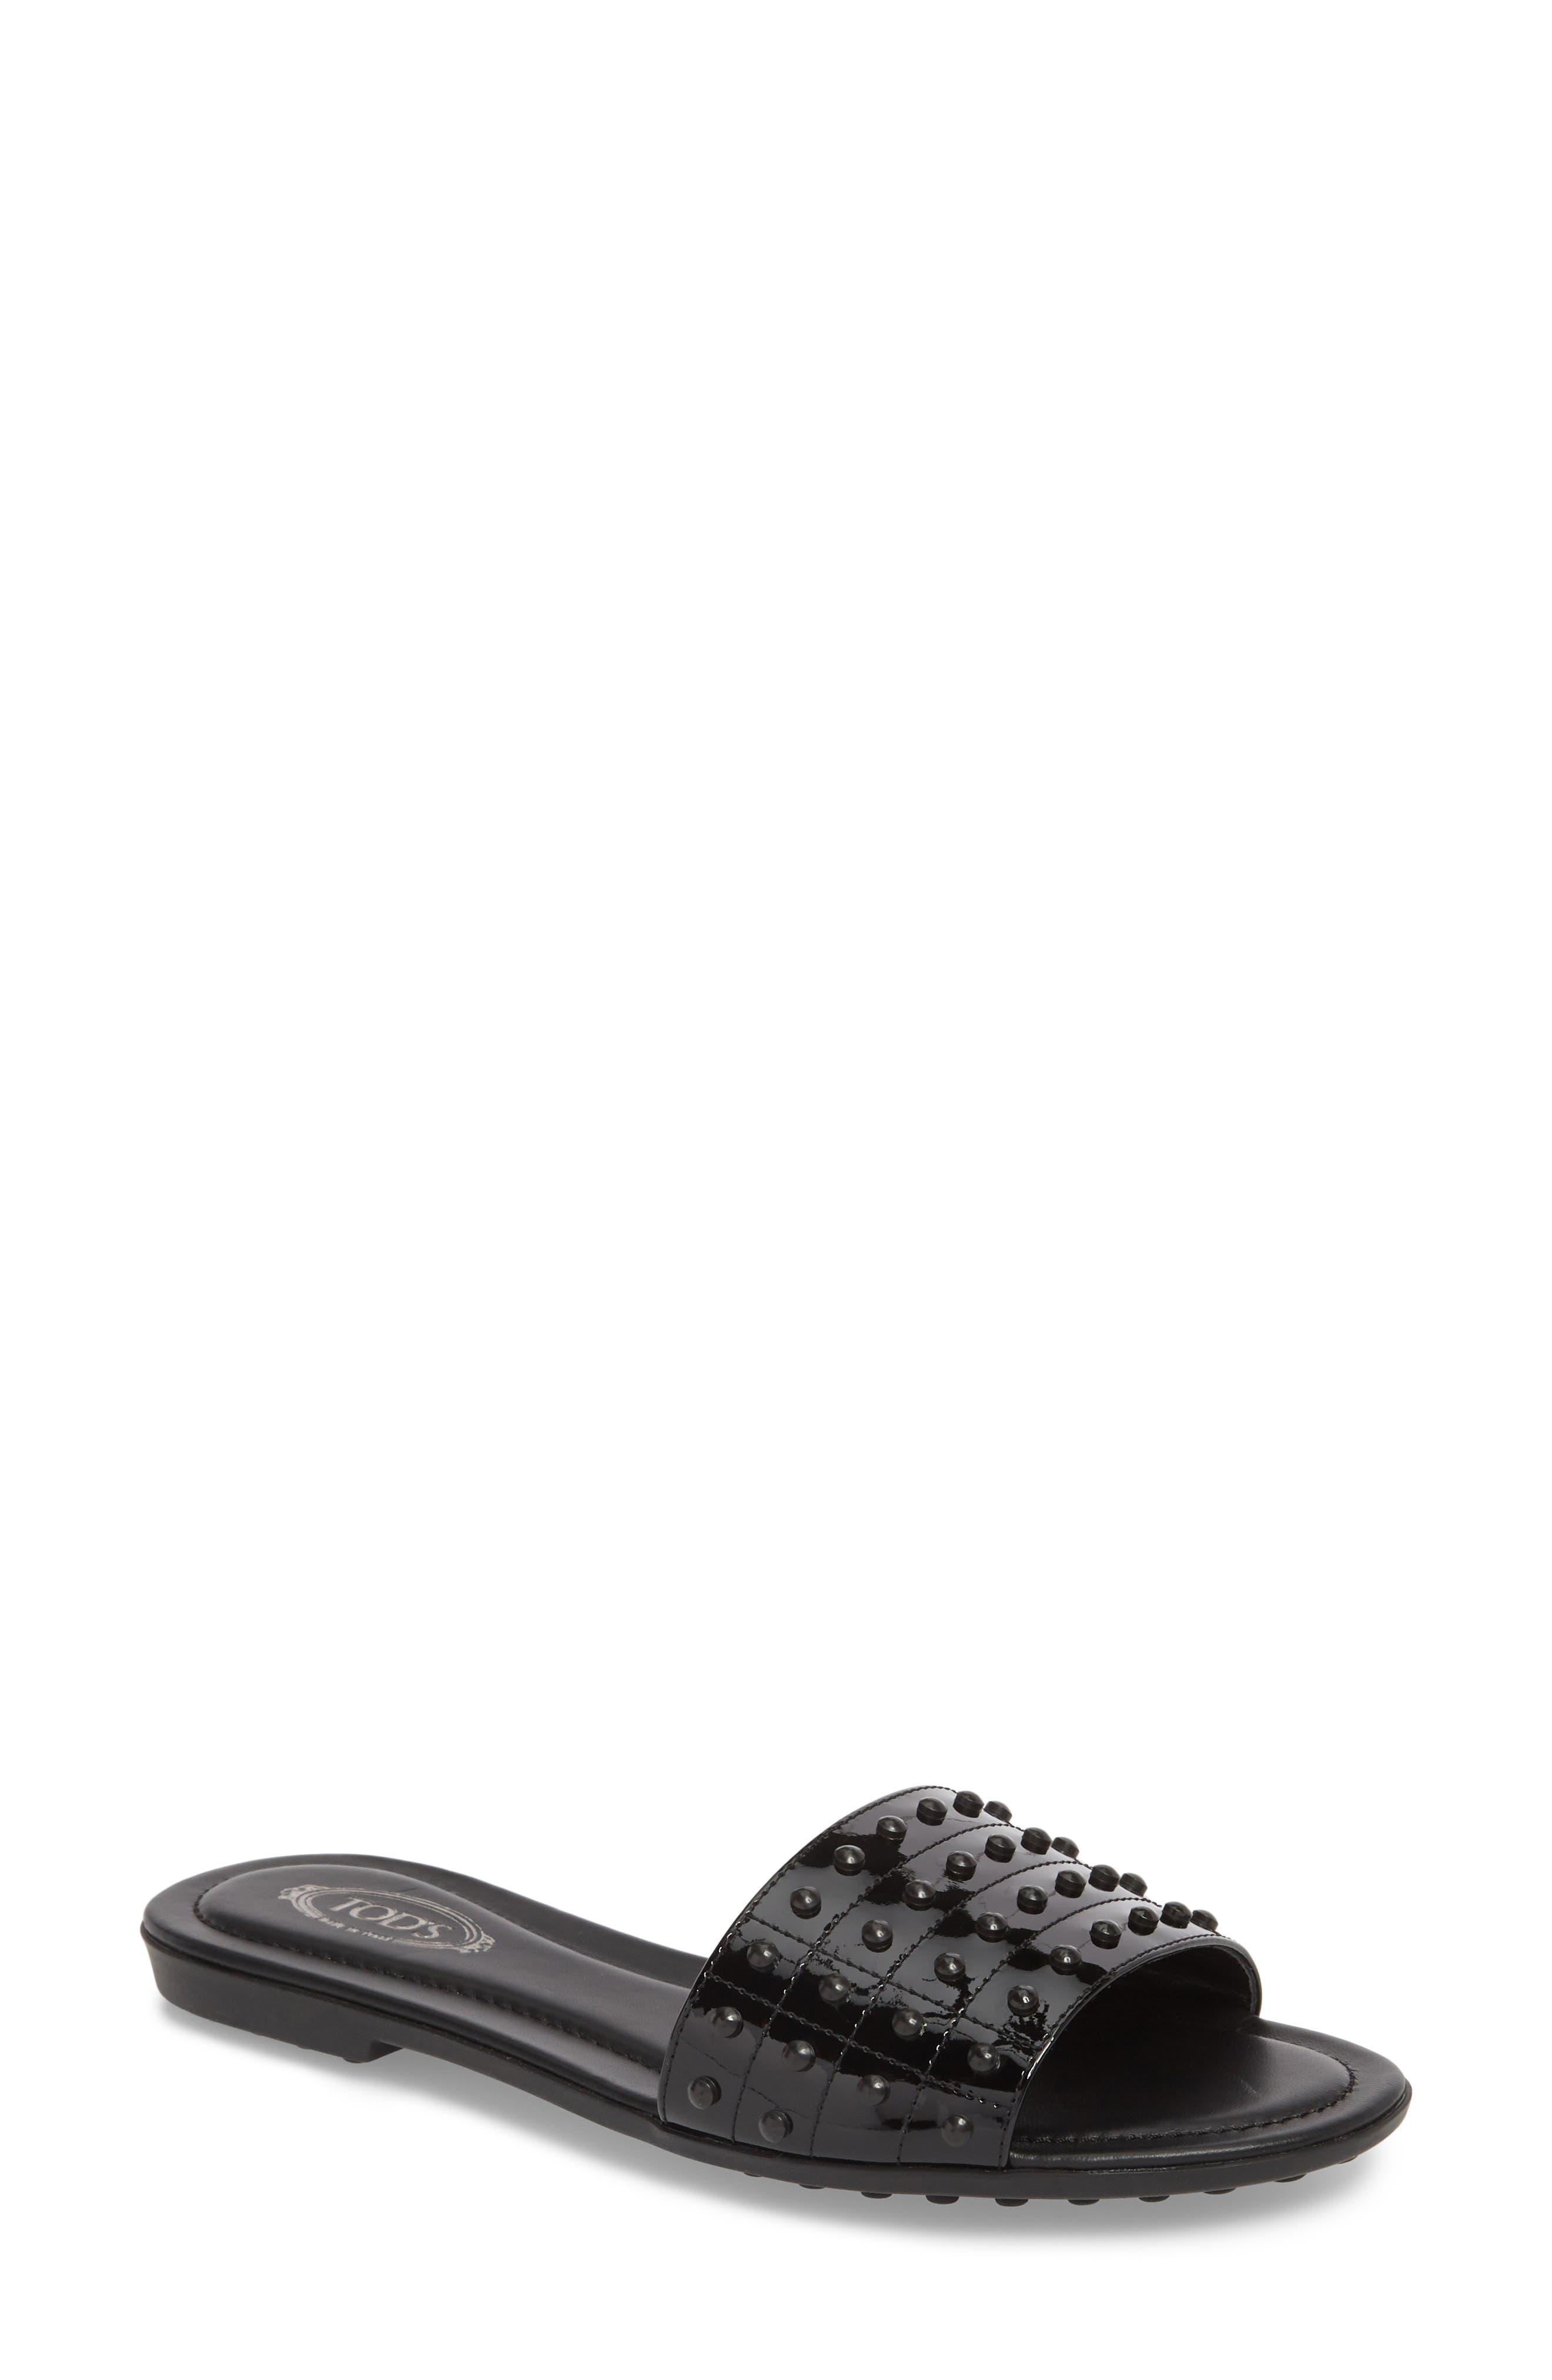 Gommini Slide Sandal,                             Main thumbnail 1, color,                             Black